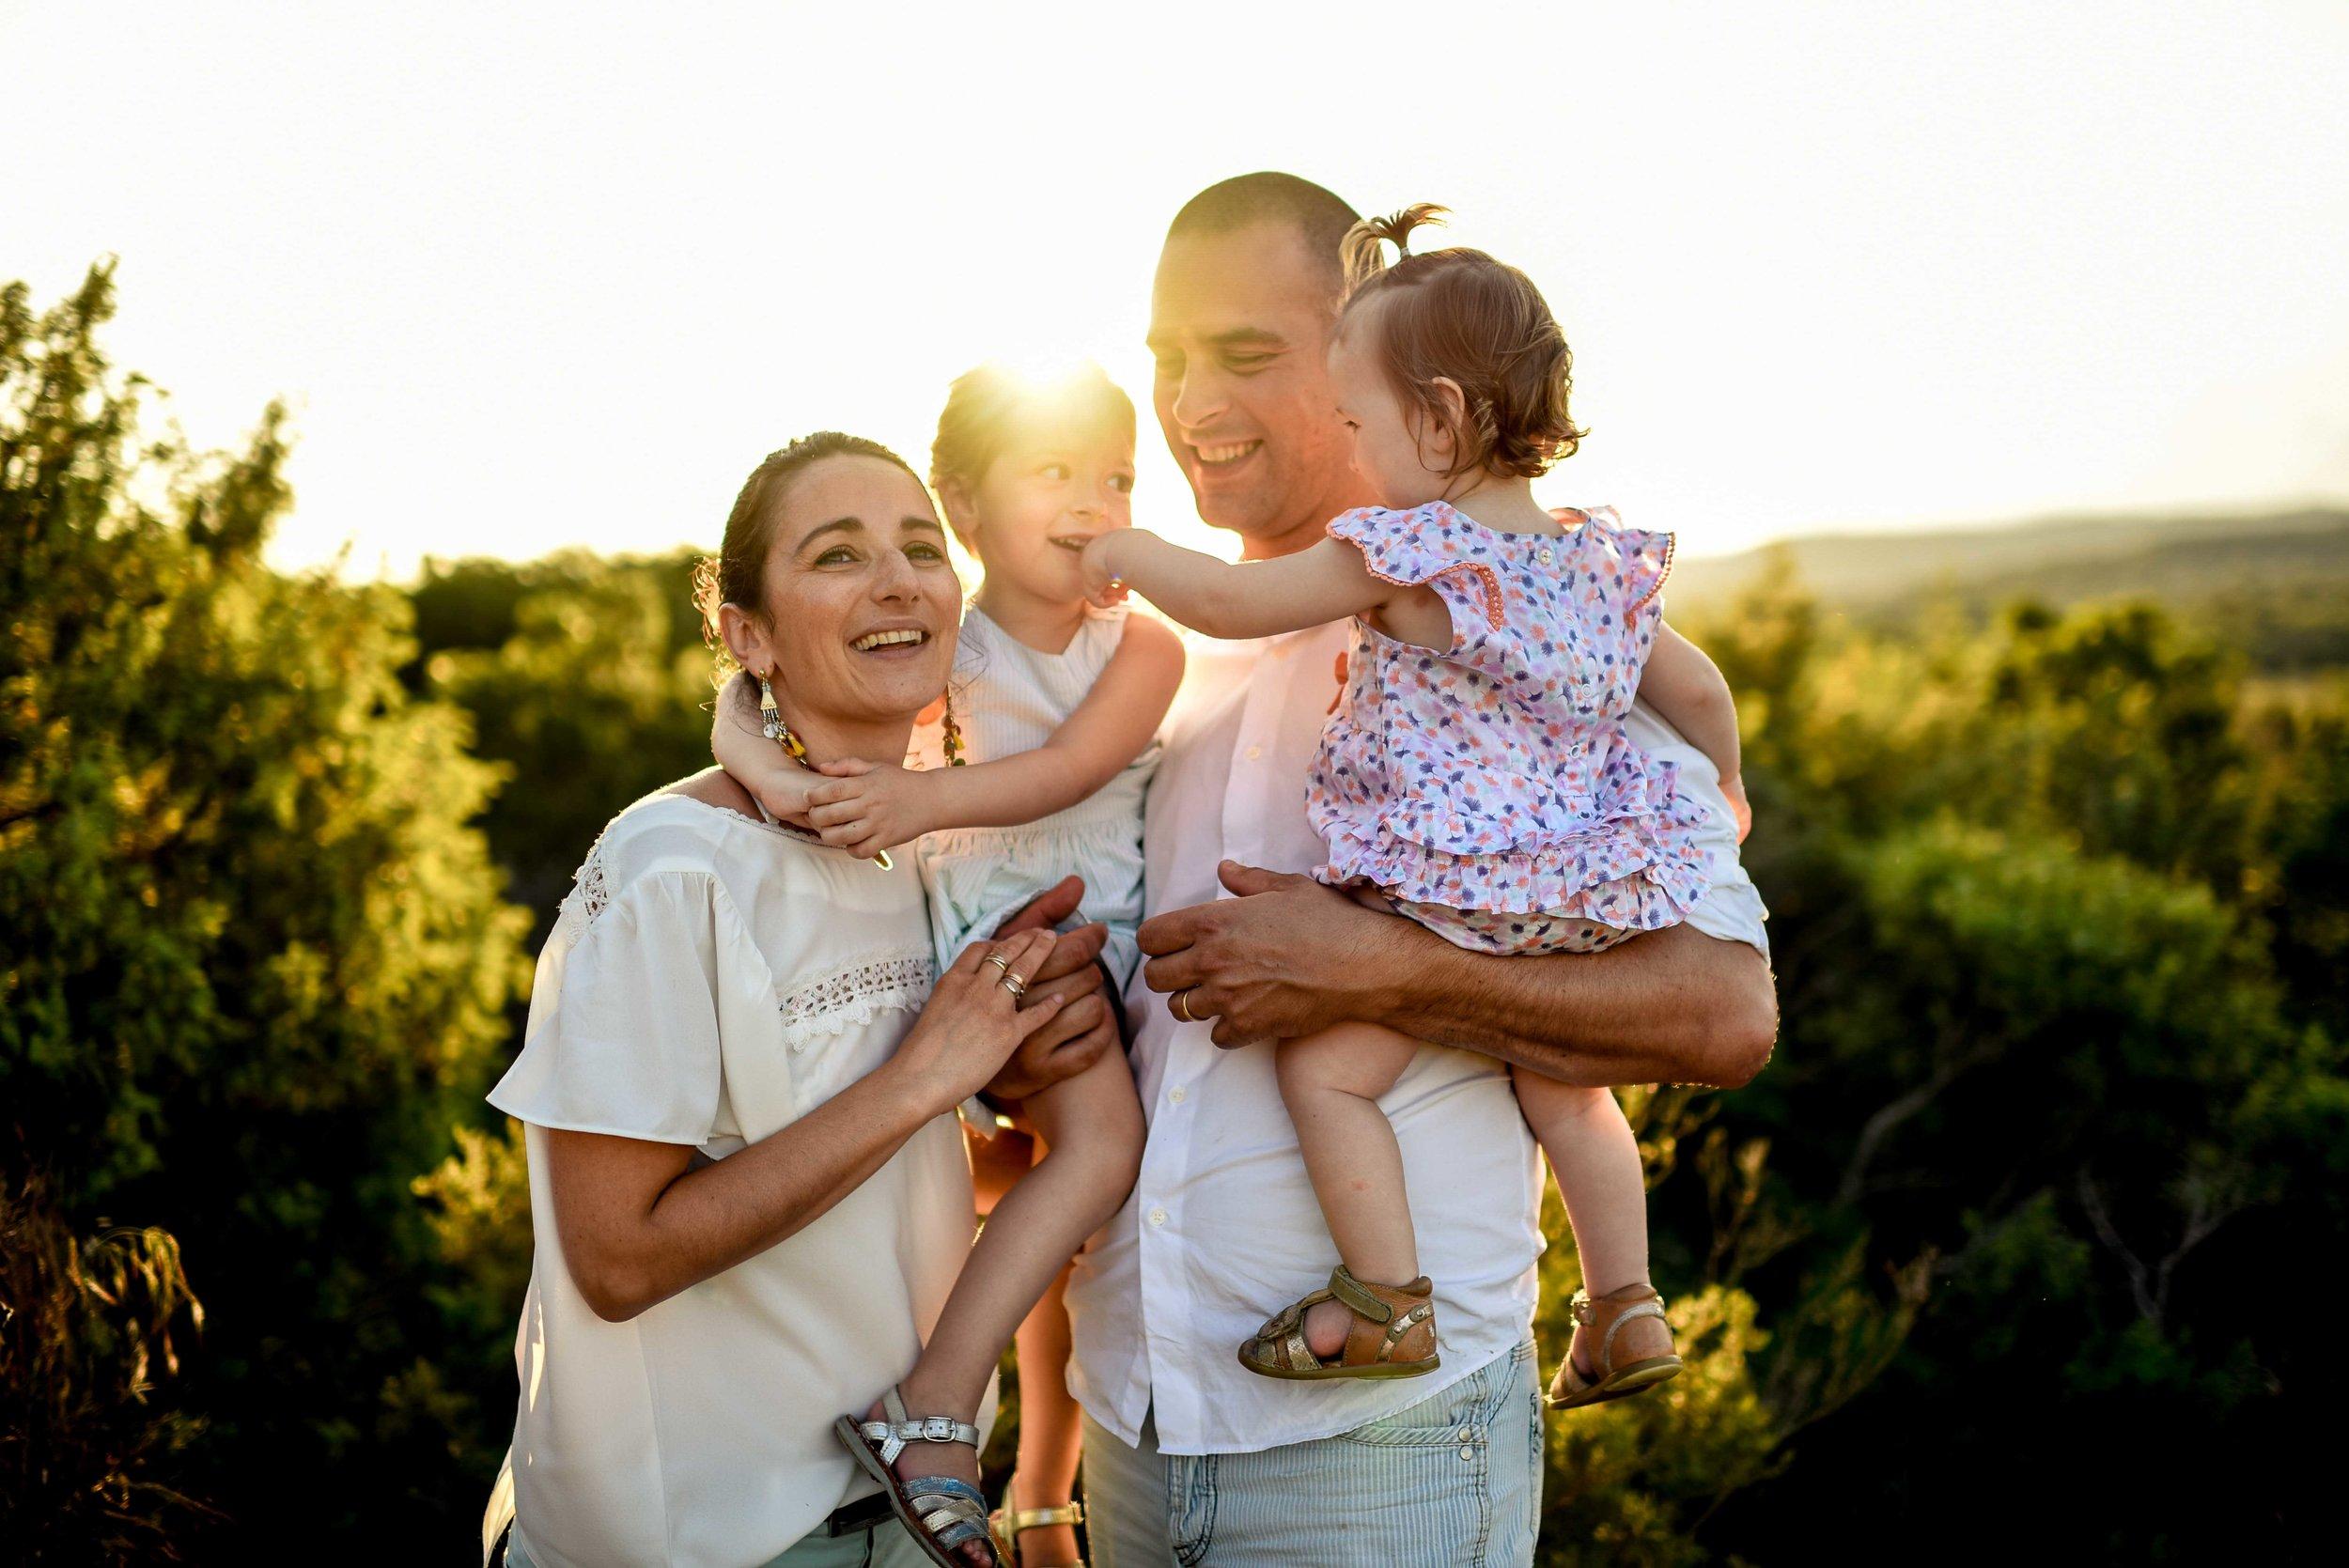 seance-photo-famille-naturelle-et-spontanee-3.jpg